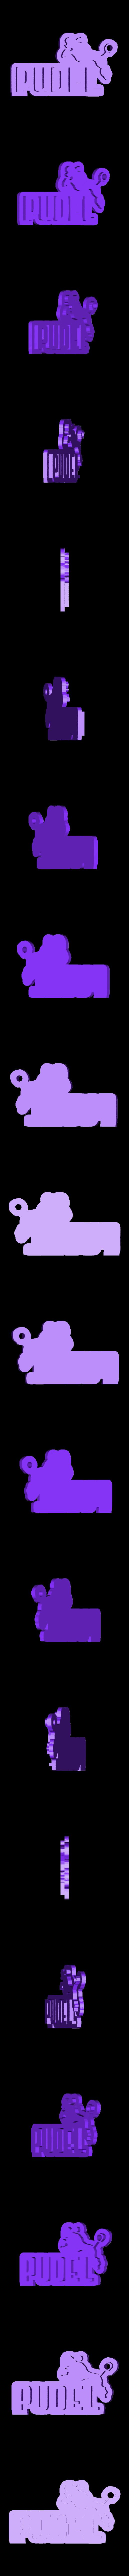 pudel.stl Télécharger fichier STL gratuit Porte-clés Pudel • Objet à imprimer en 3D, shuranikishin